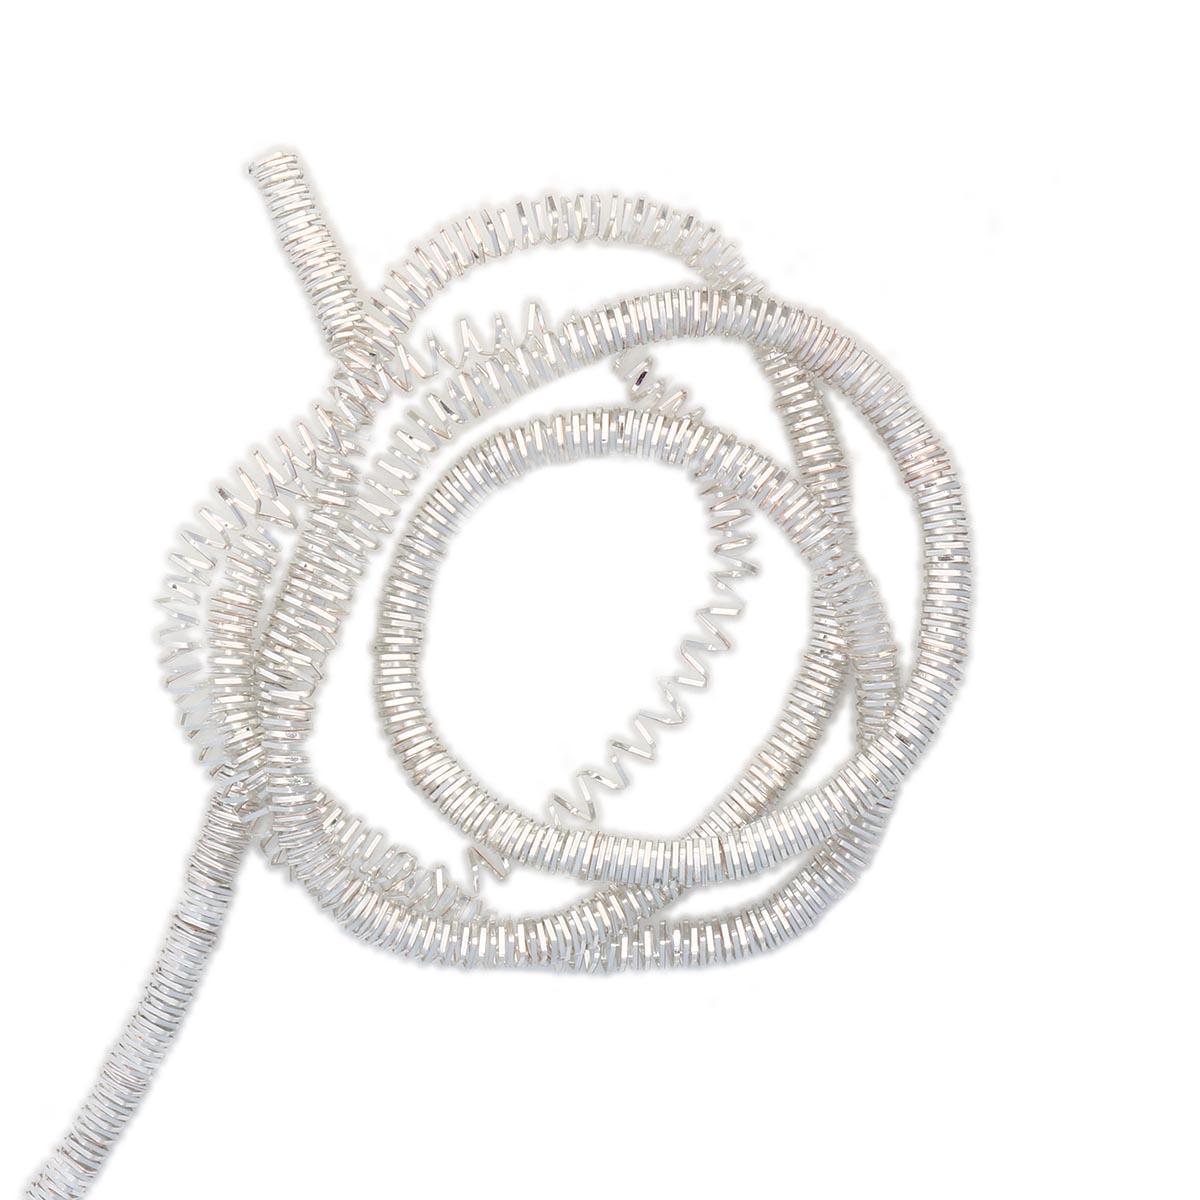 ТК002НН3 Трунцал Серебро 3 мм 5 грамм +/- 0,1 гр.